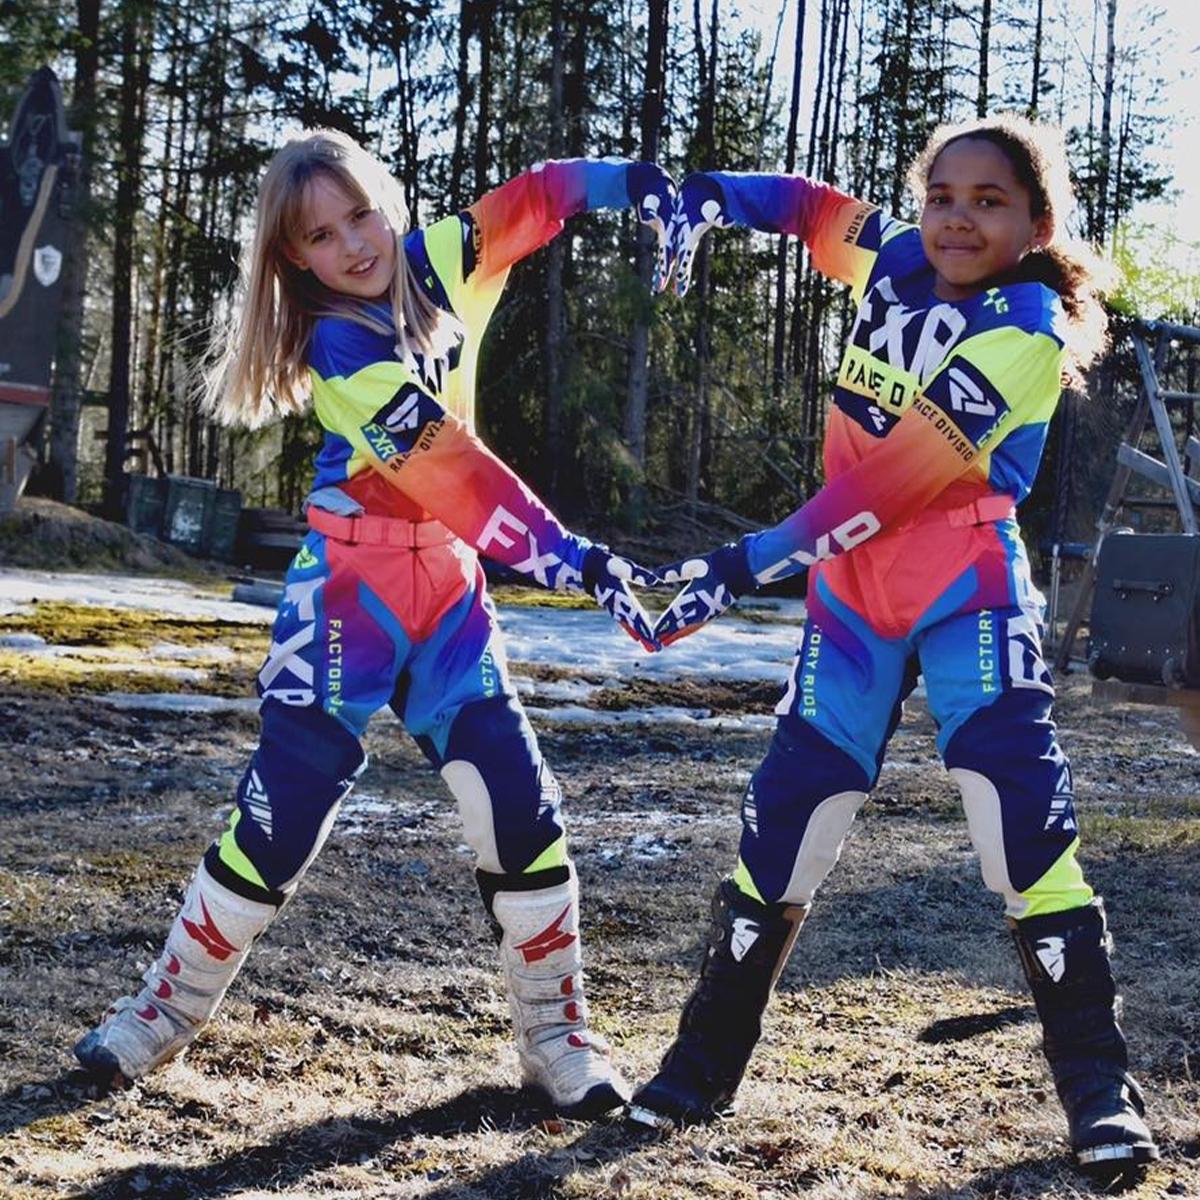 Dirt Bike Girls